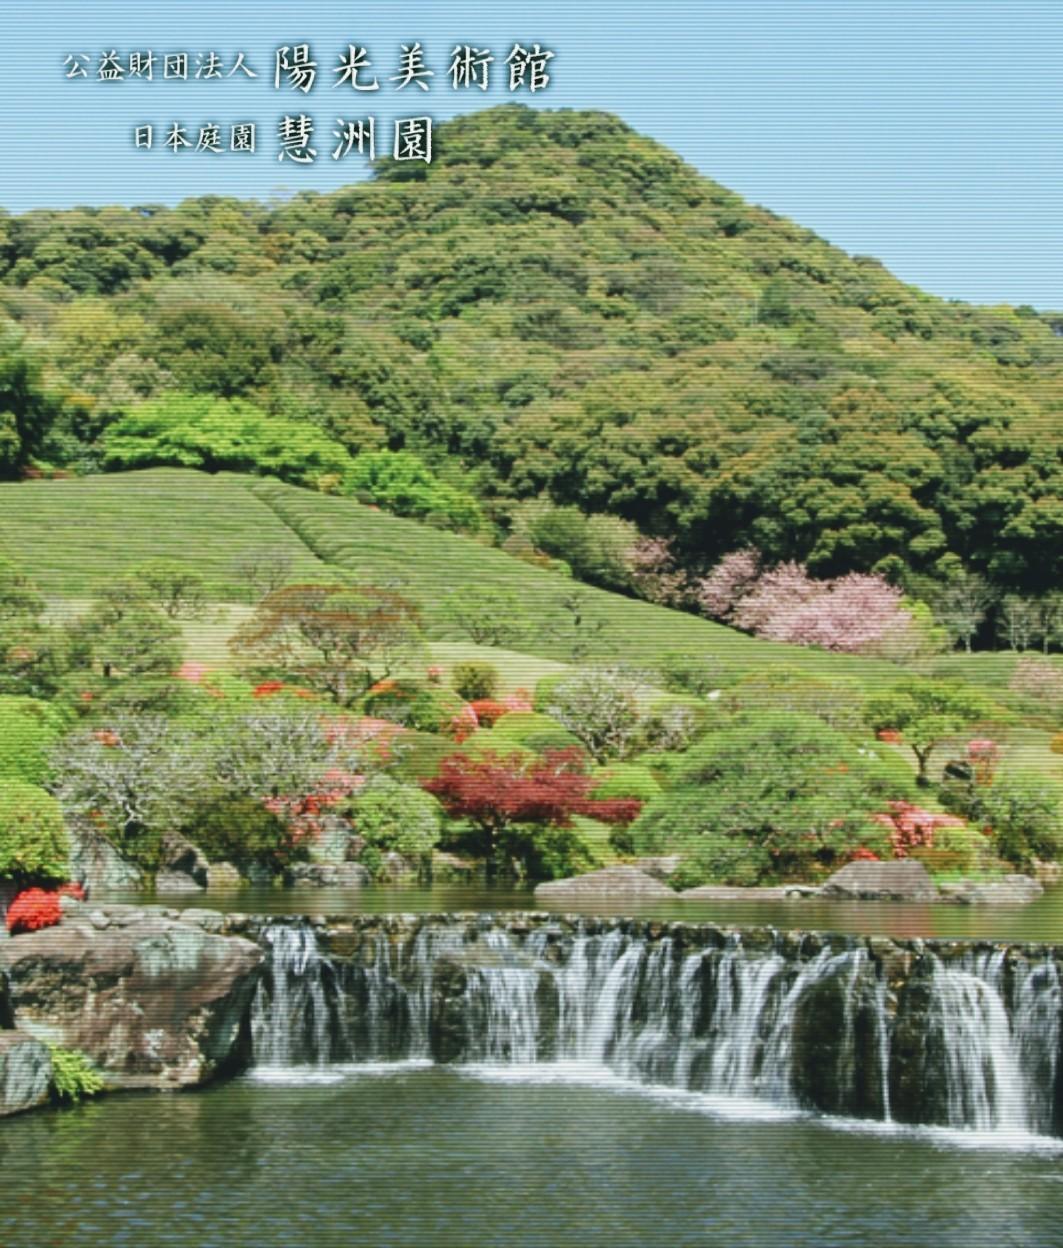 唯一売らない花器が武雄市陽光美術館へ_d0195183_04572213.jpg